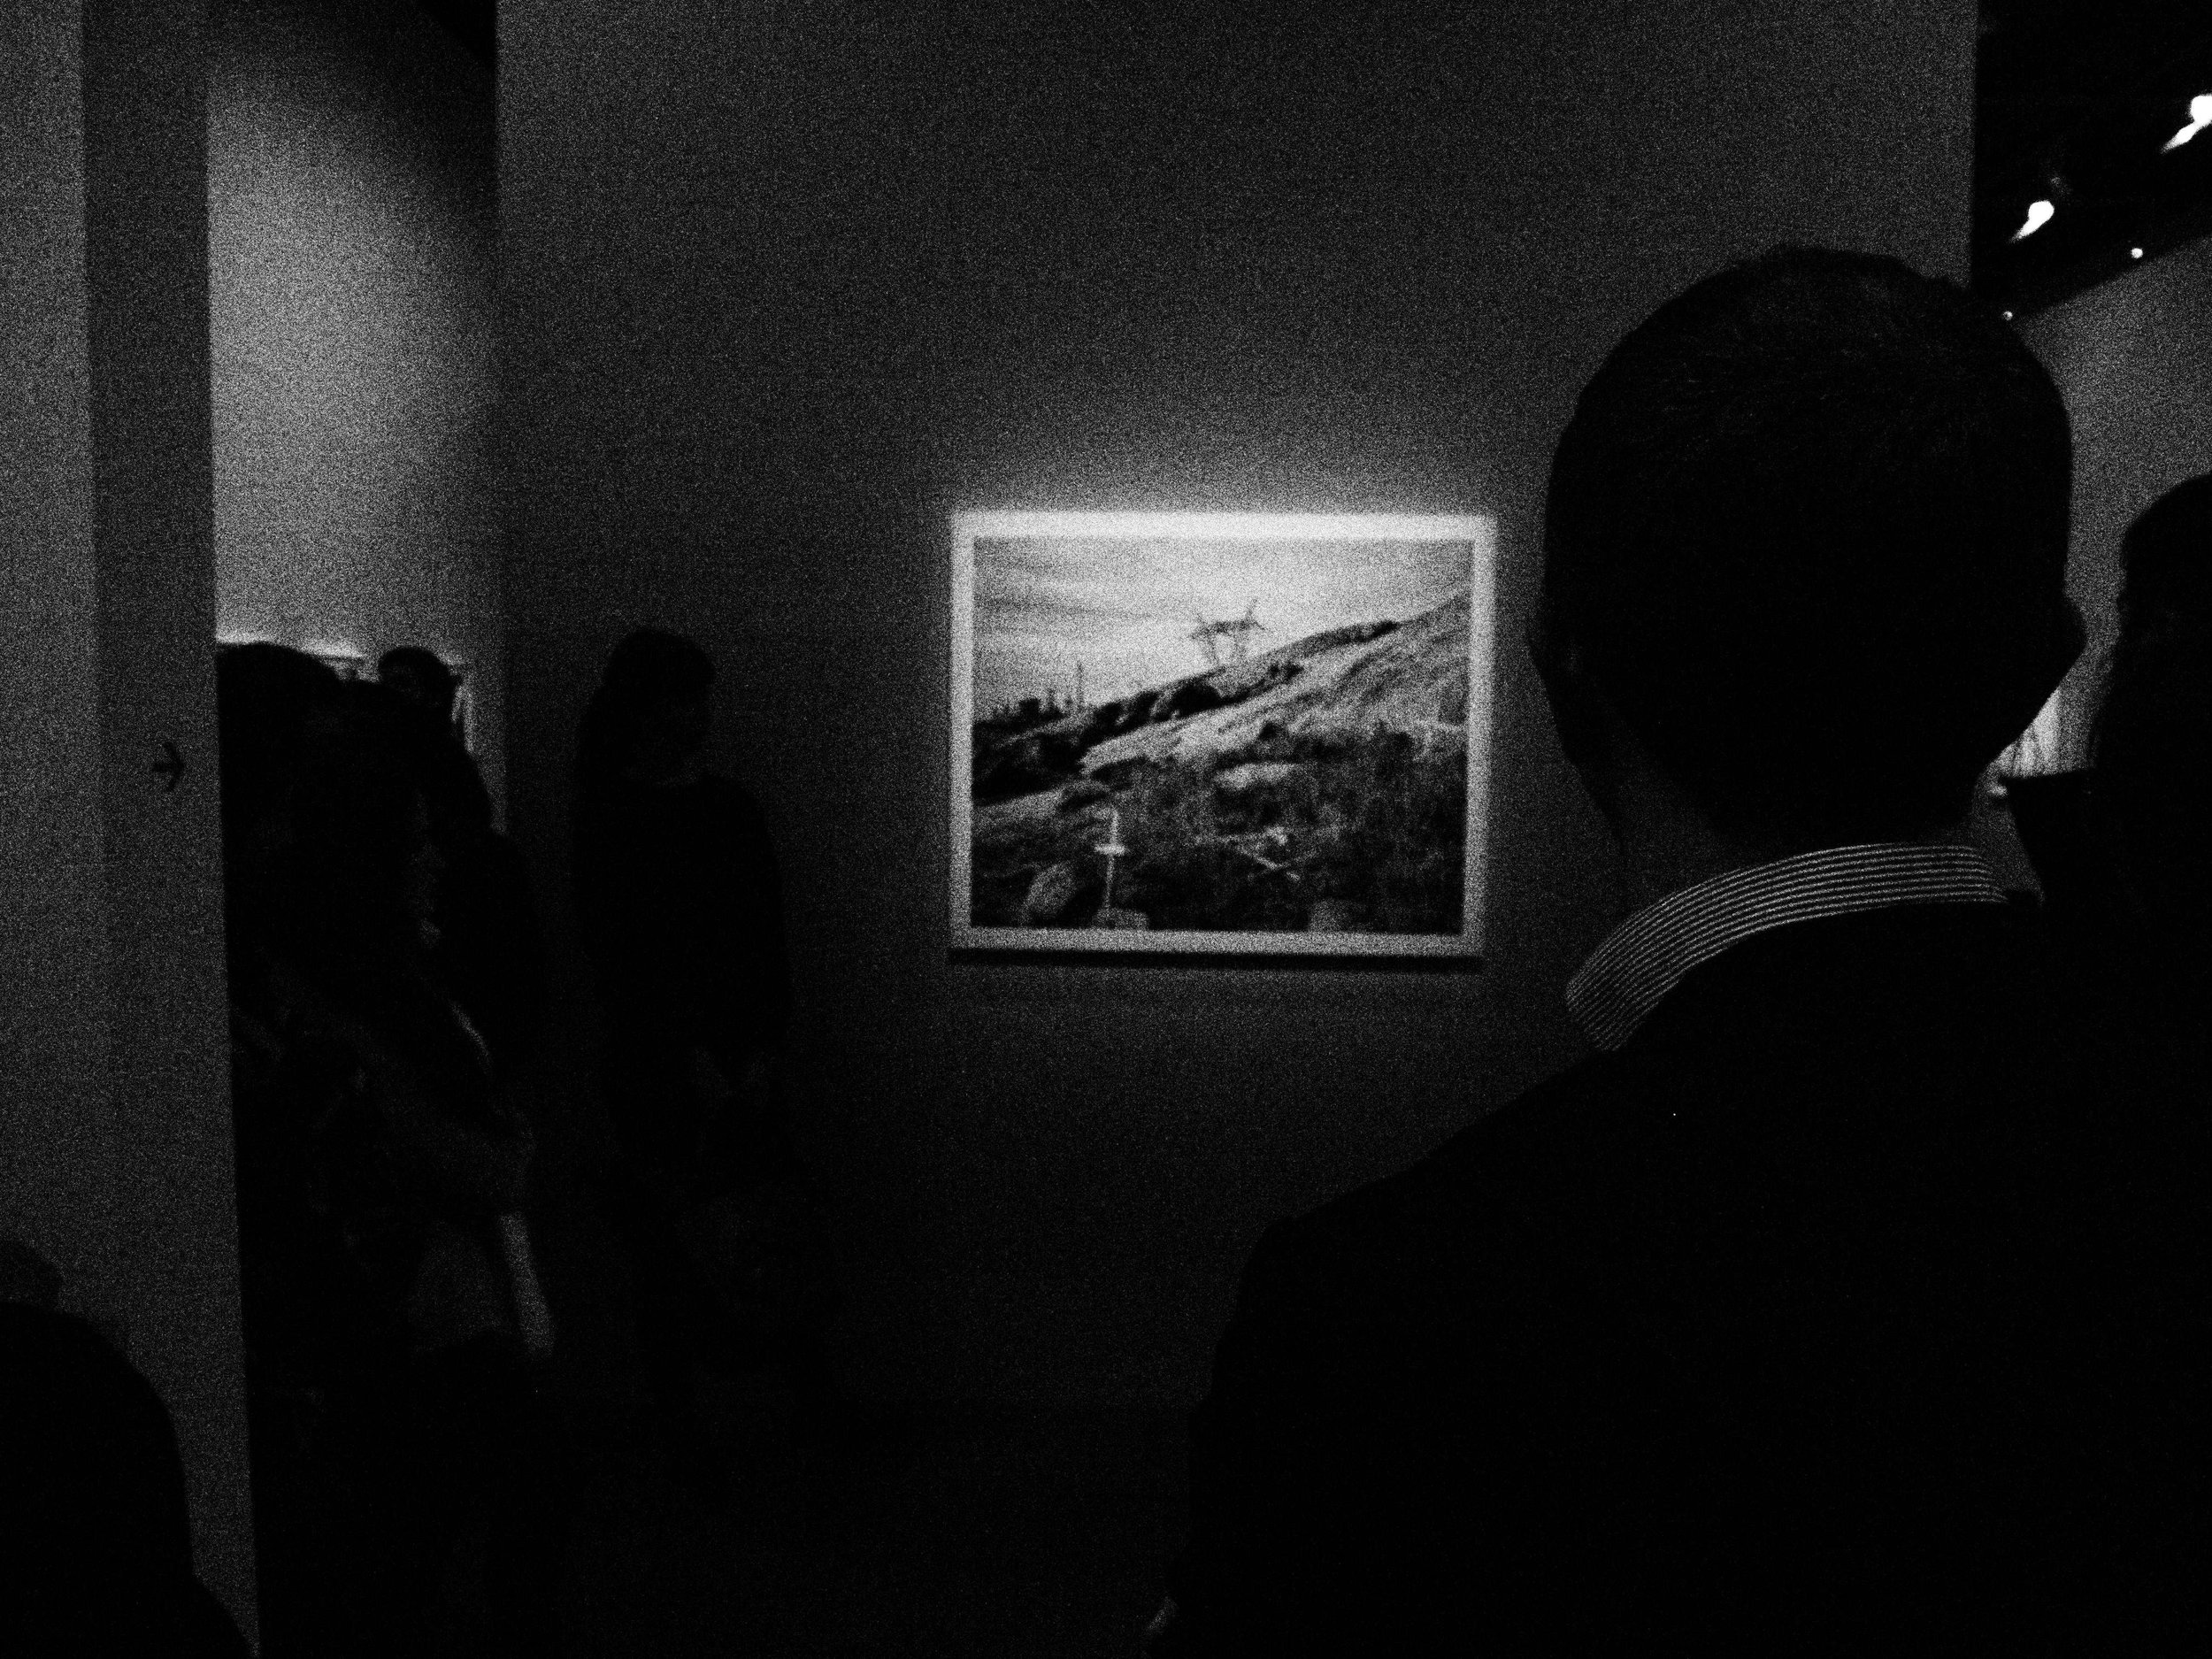 David Goldblatt photograph of Marikana memorial site.